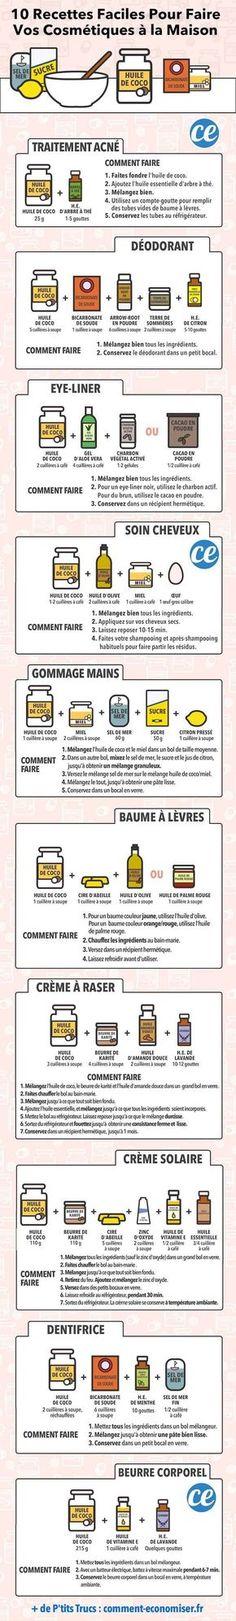 Voici les 10 recettes faciles à base d'huile de coco pour faire vos soins de beauté à la maison.